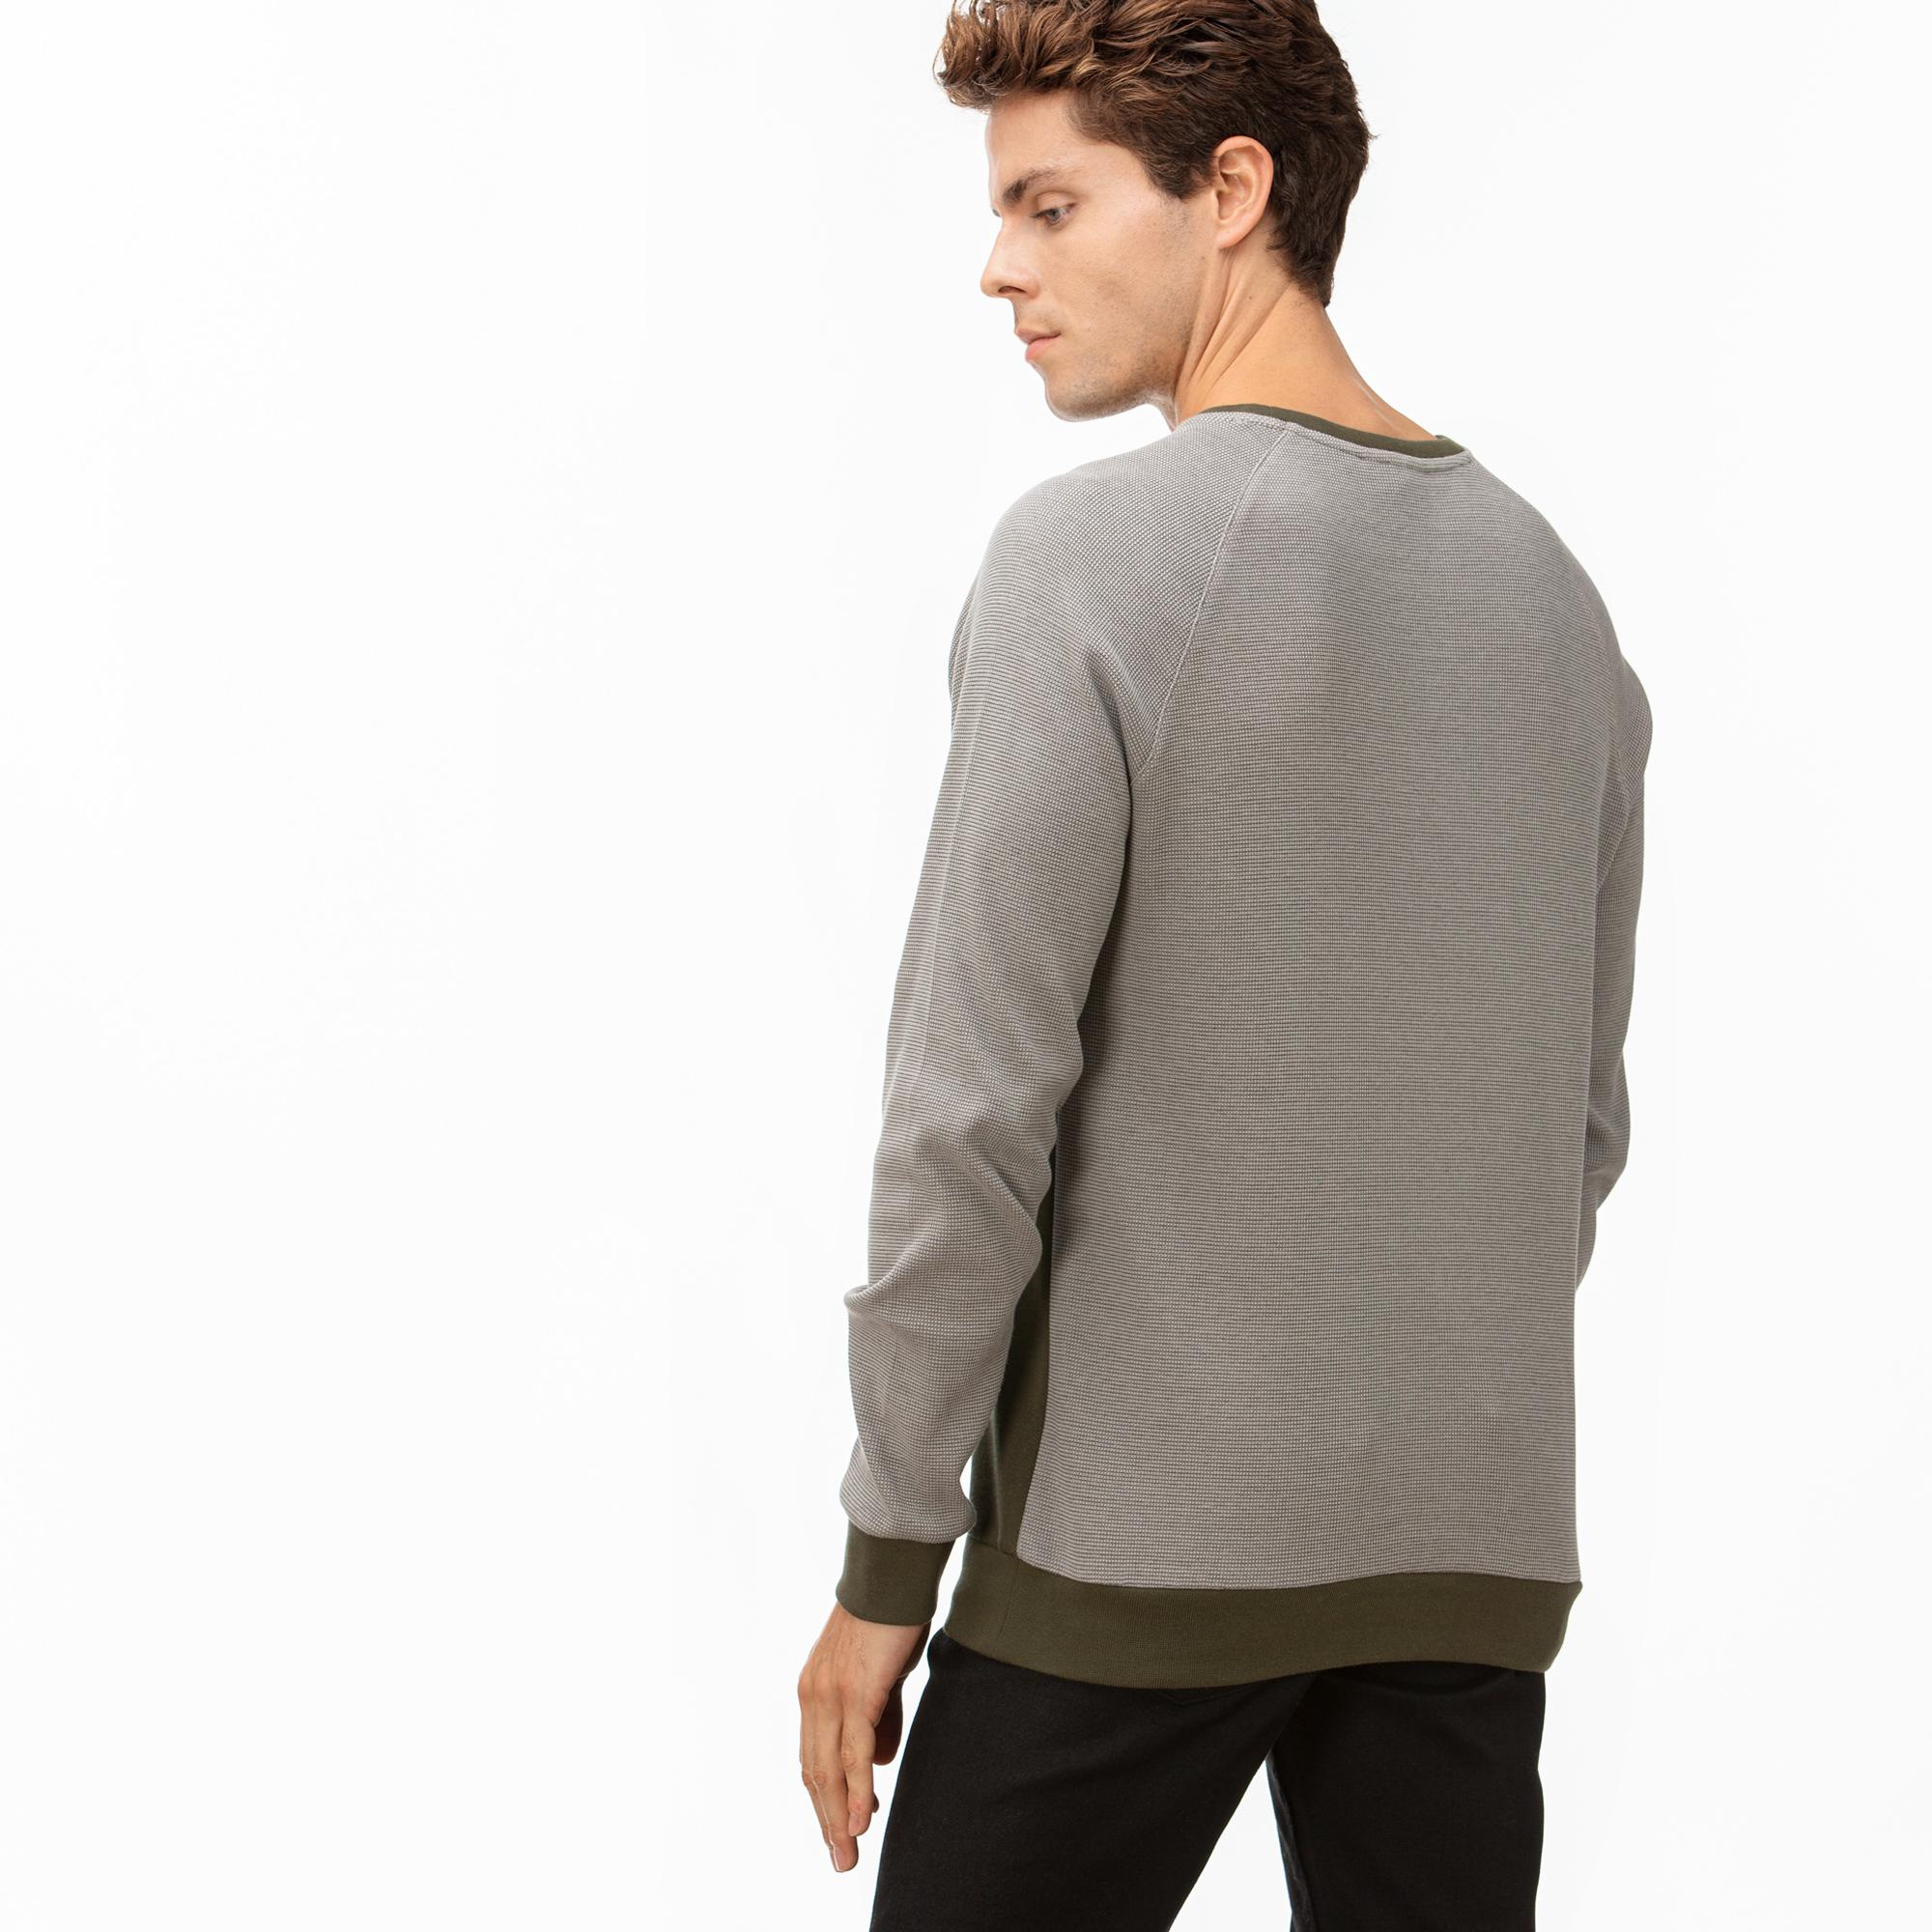 Lacoste Erkek Yeşil Uzun Kollu T-Shirt